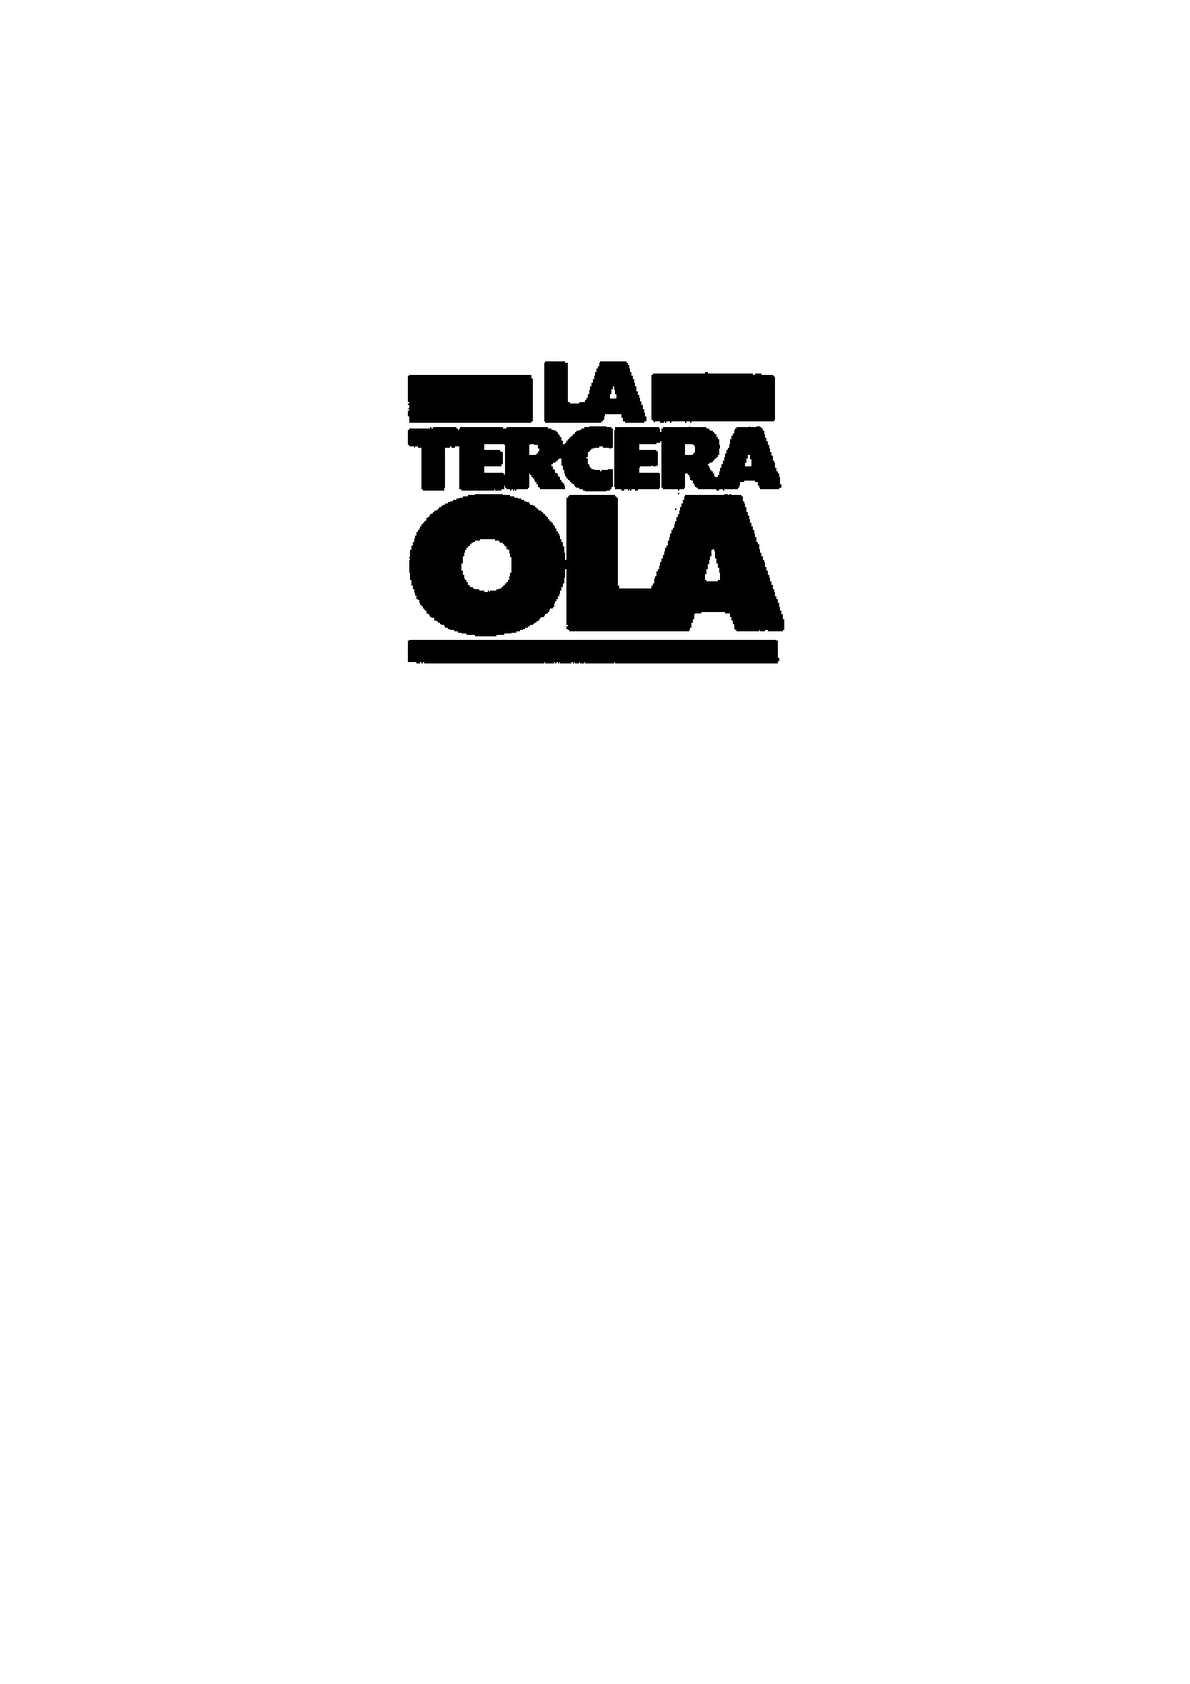 7b4fa44f6609d Calaméo - La Tercera Ola Toffler